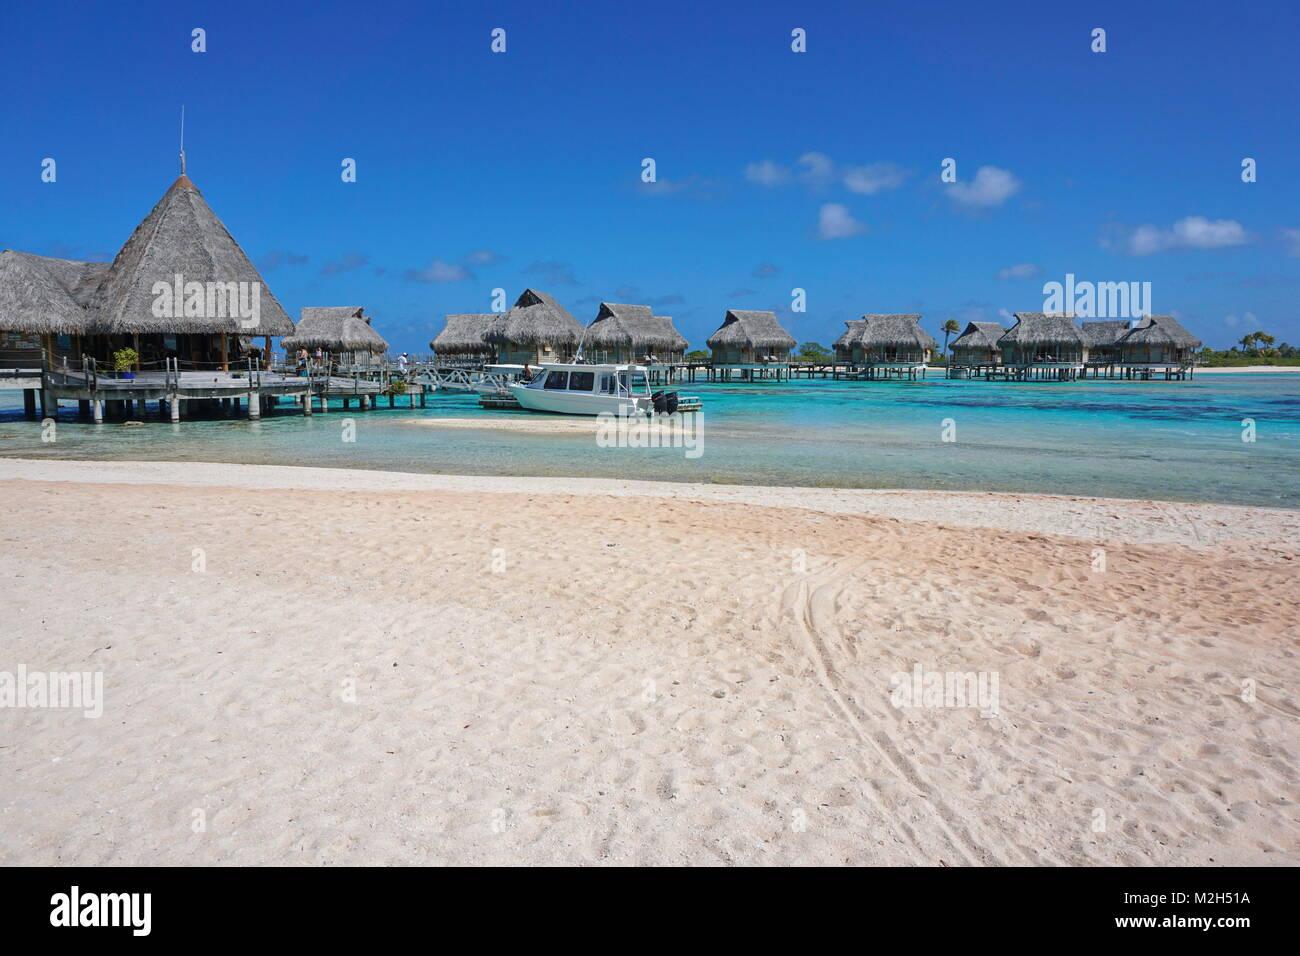 Resort tropicale, la spiaggia di sabbia con bungalow con tetto in paglia su acqua in laguna, Tikehau Atoll, Tuamotus, Immagini Stock